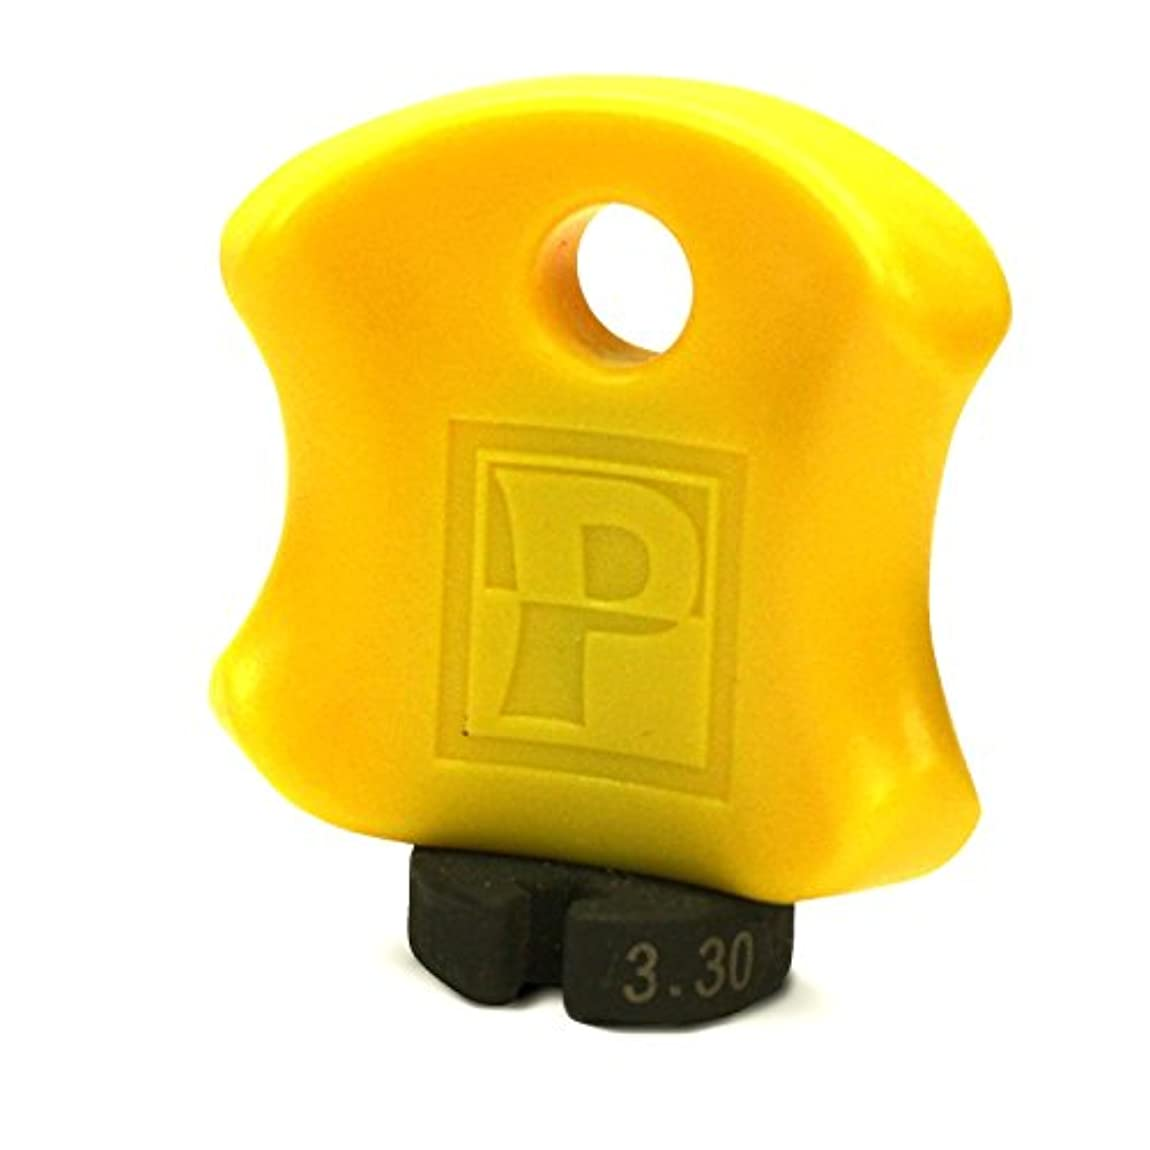 紛争称賛変換PEDRO'S(ペドロス) 自転車用工具 メンテナンス 修理ツール プロスポークレンチ